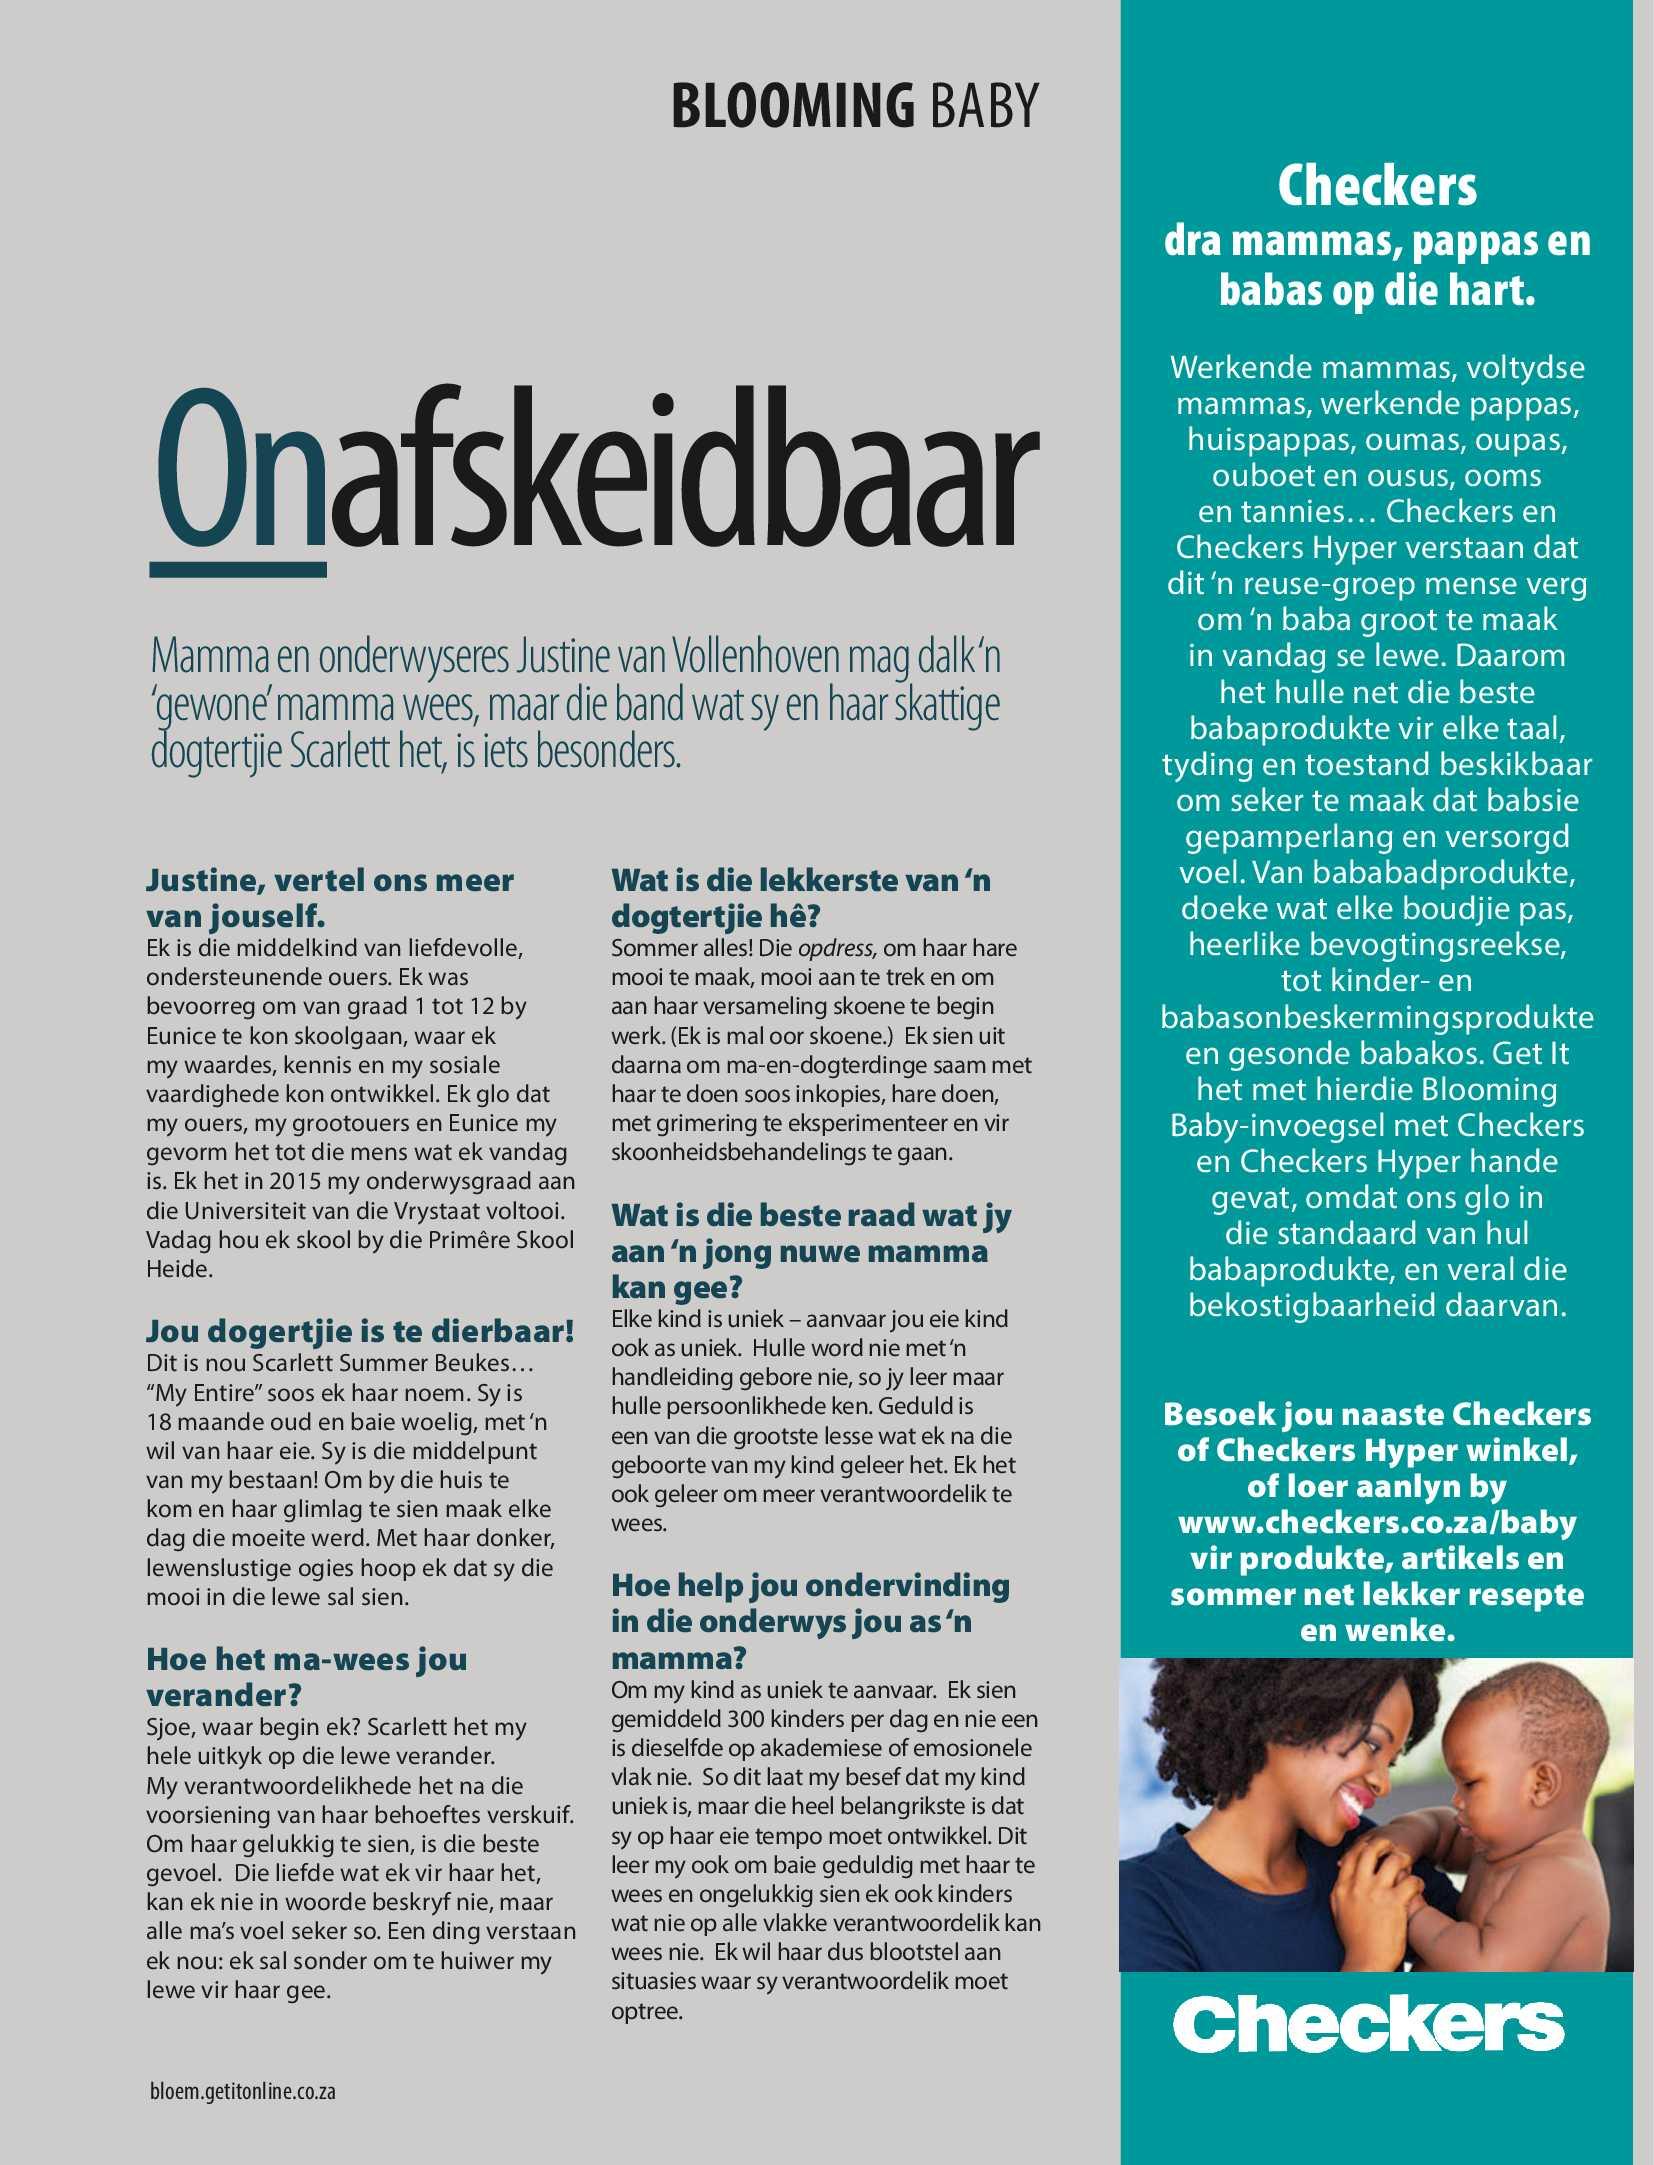 get-bloemfontein-september-2018-epapers-page-39